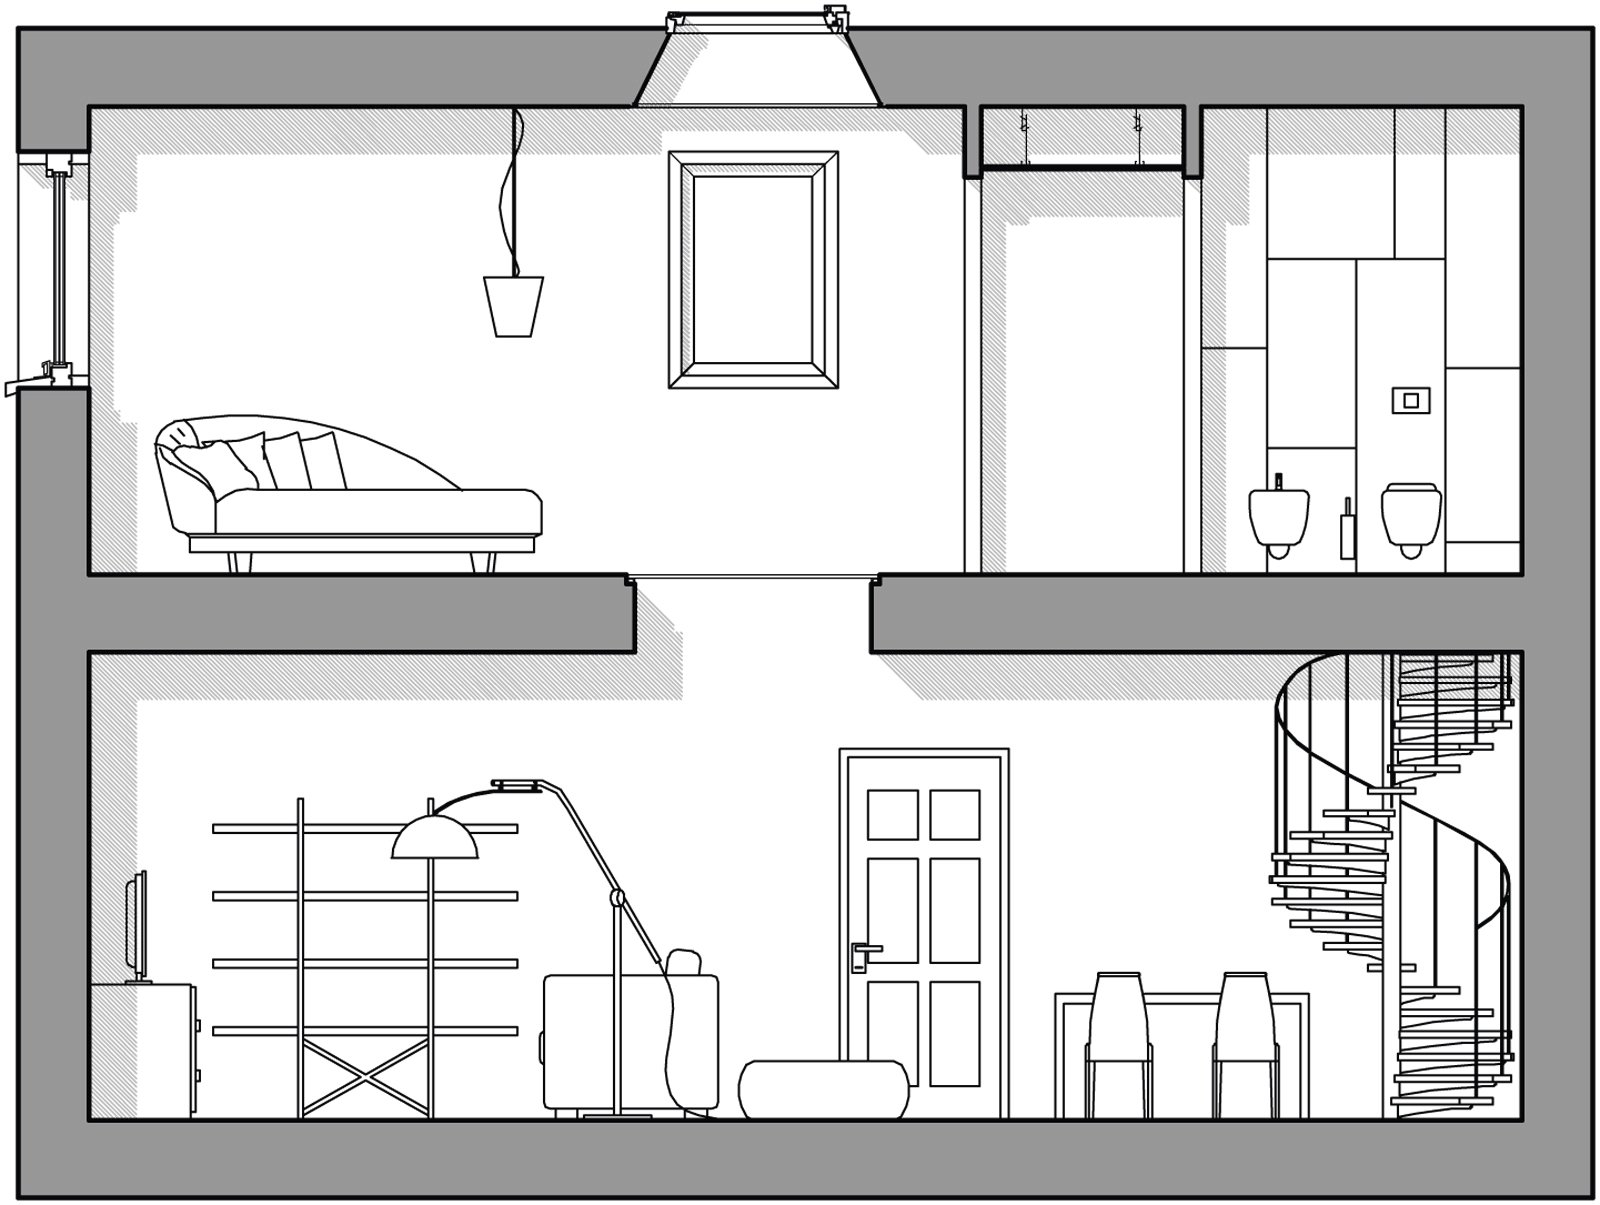 Più luce: 10 idee per moltiplicarla - Cose di Casa